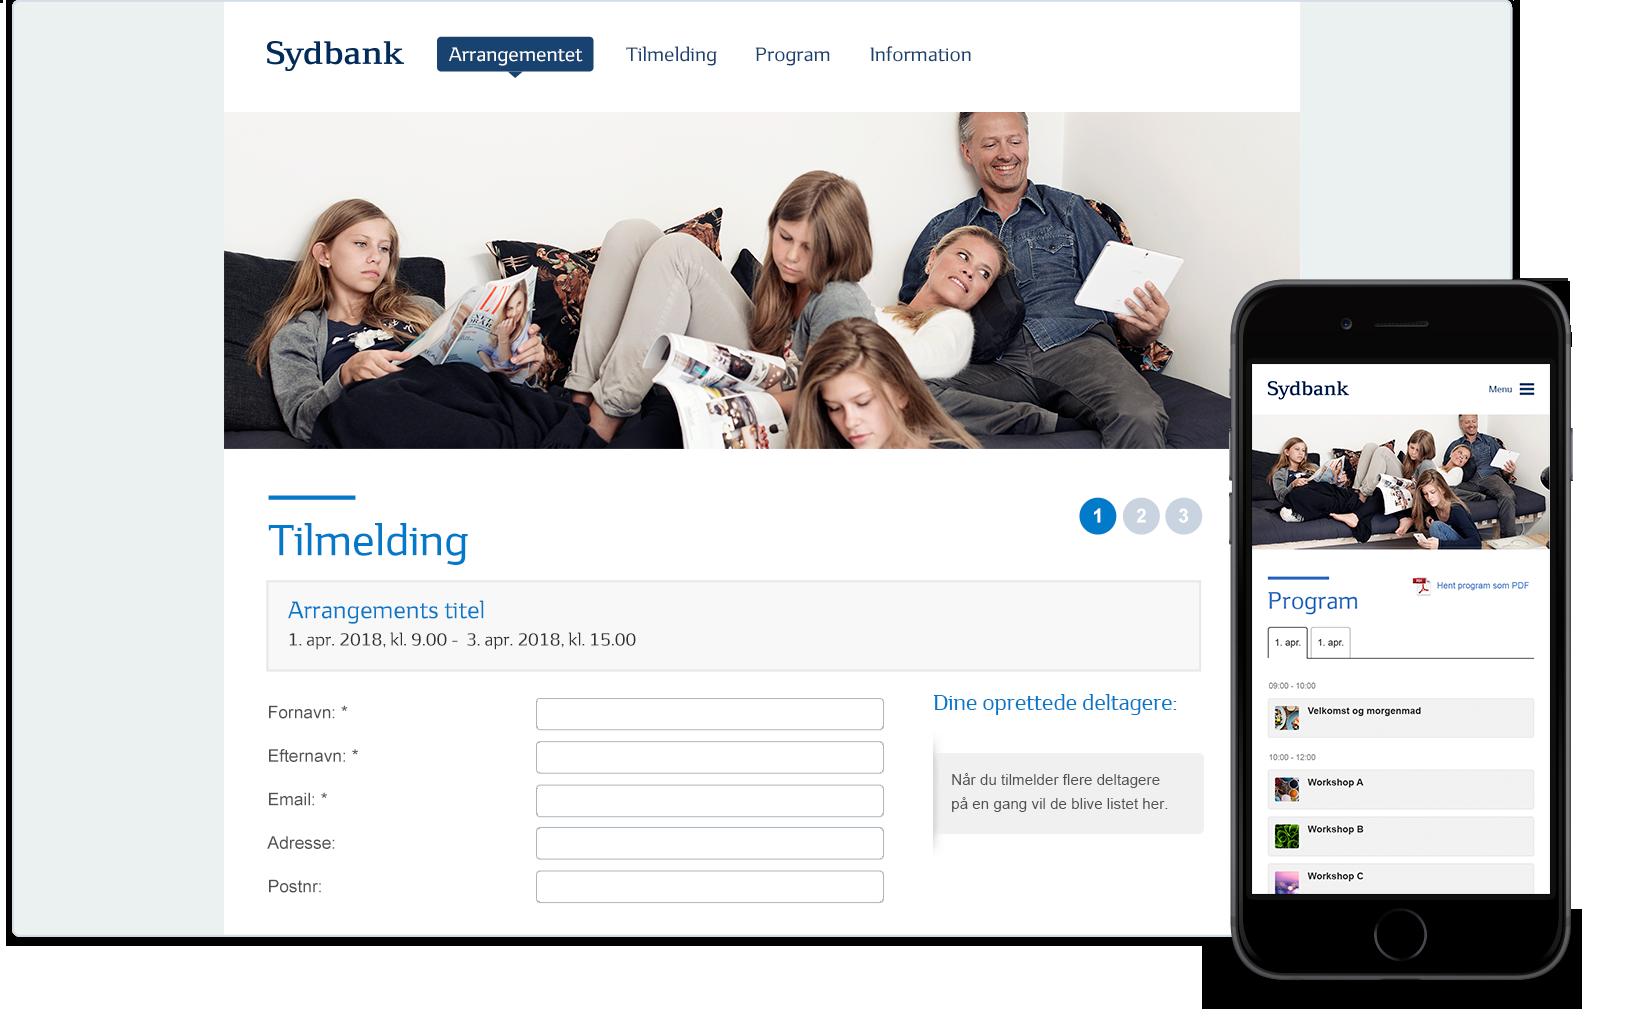 Sydbank website skabelon i Conference Manager